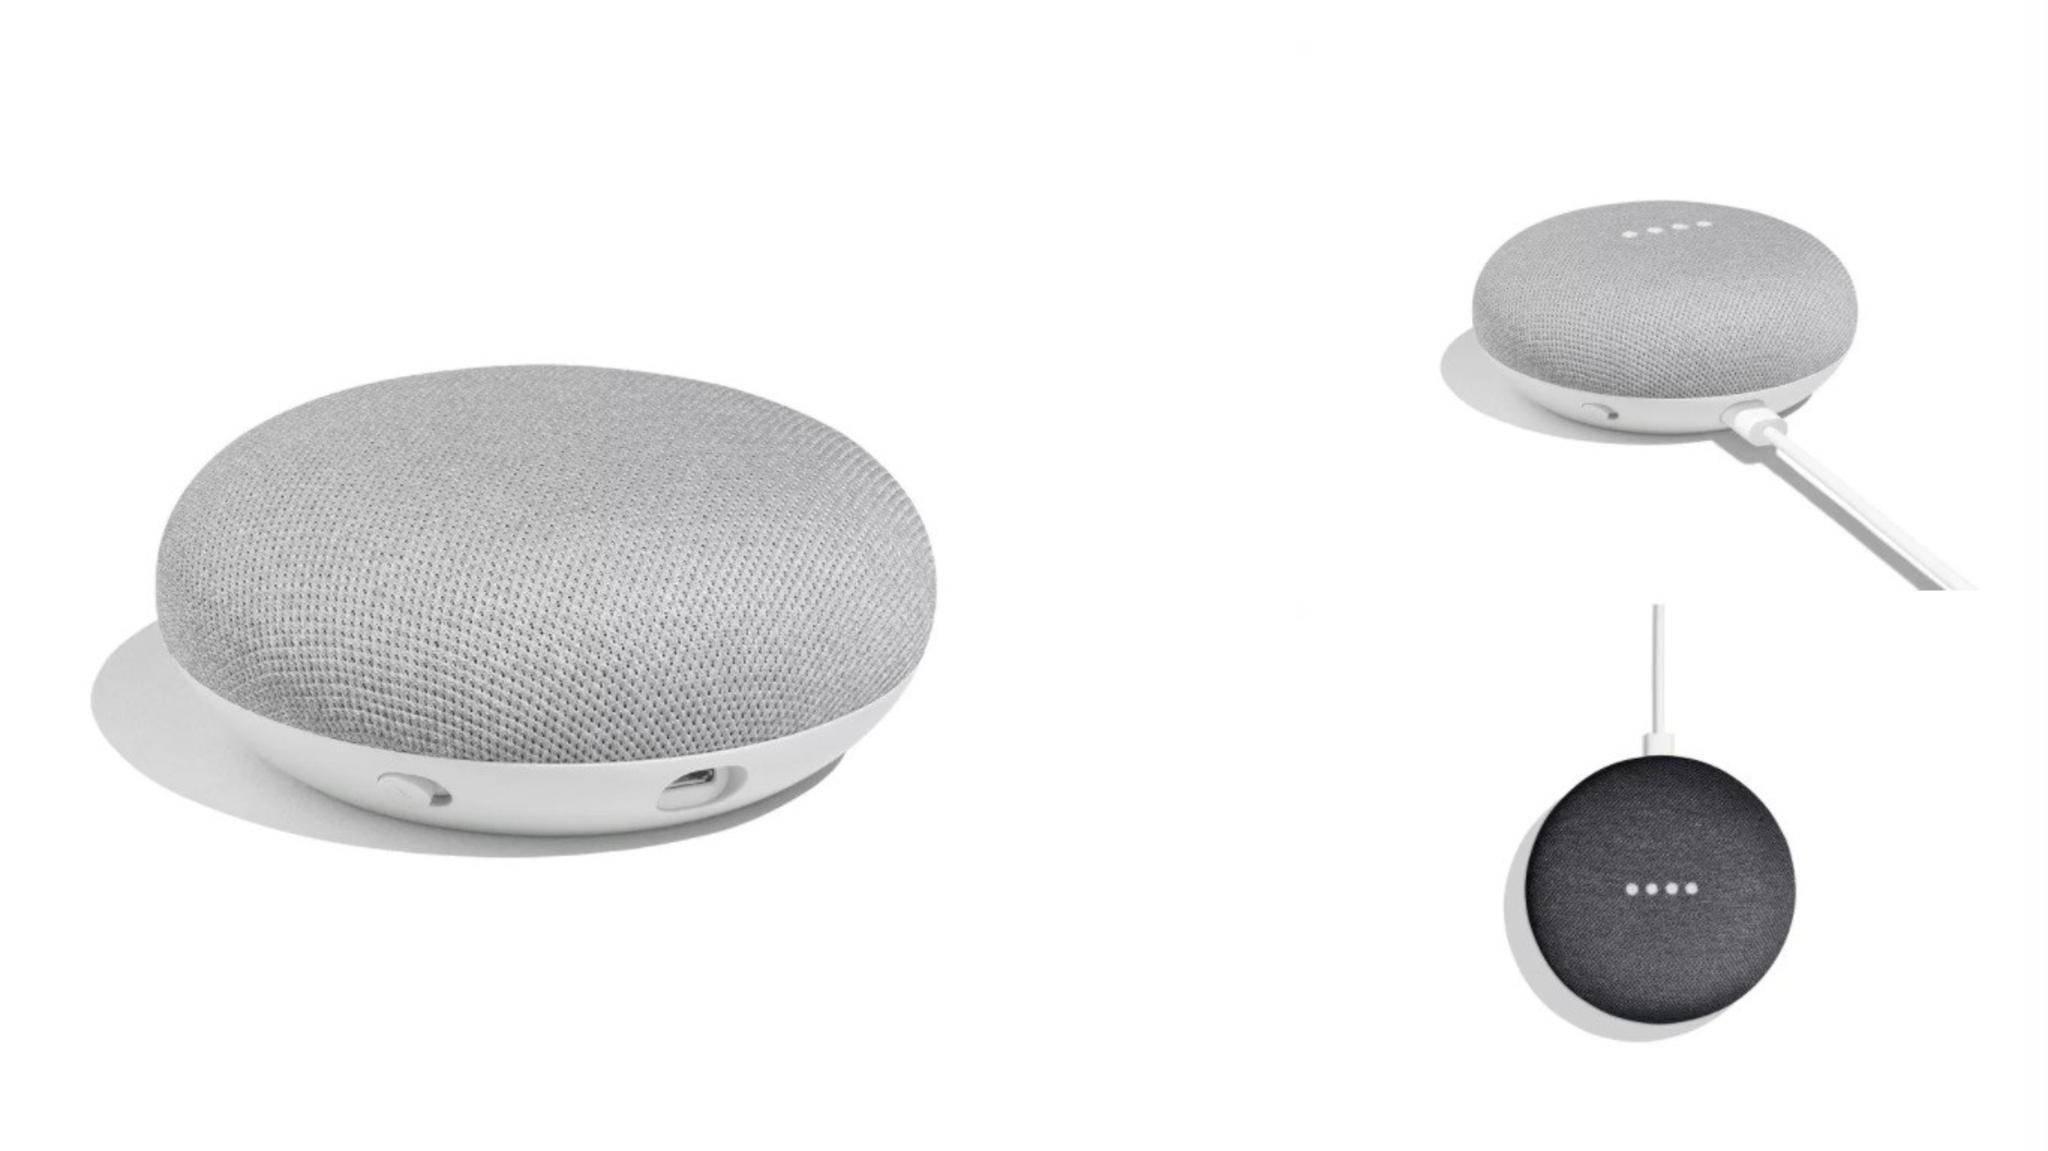 Der Google Home Mini ist eine erschwingliche Google-Home-Alternative.